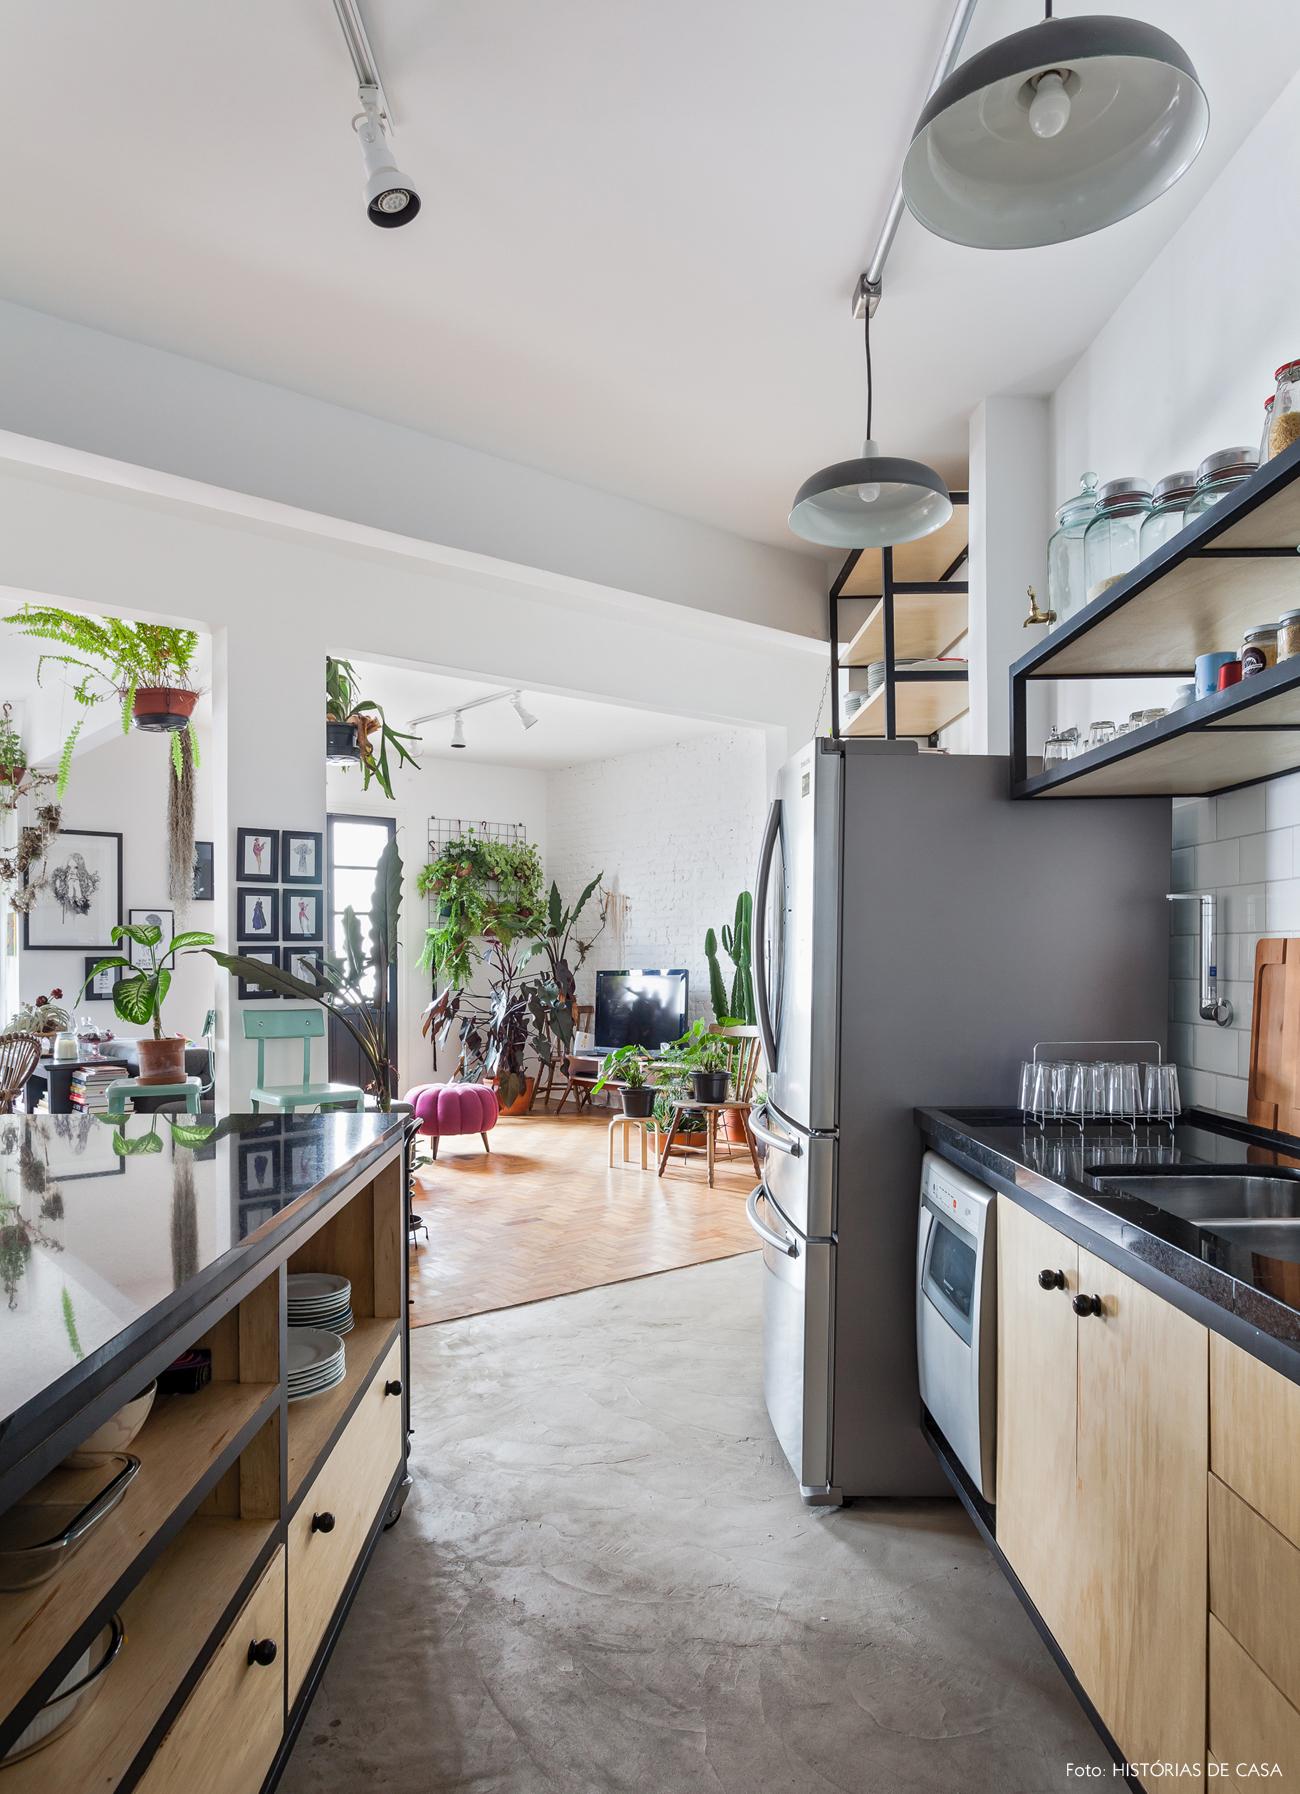 33-decoracao-cozinha-integrada-piso-cimento-queimado